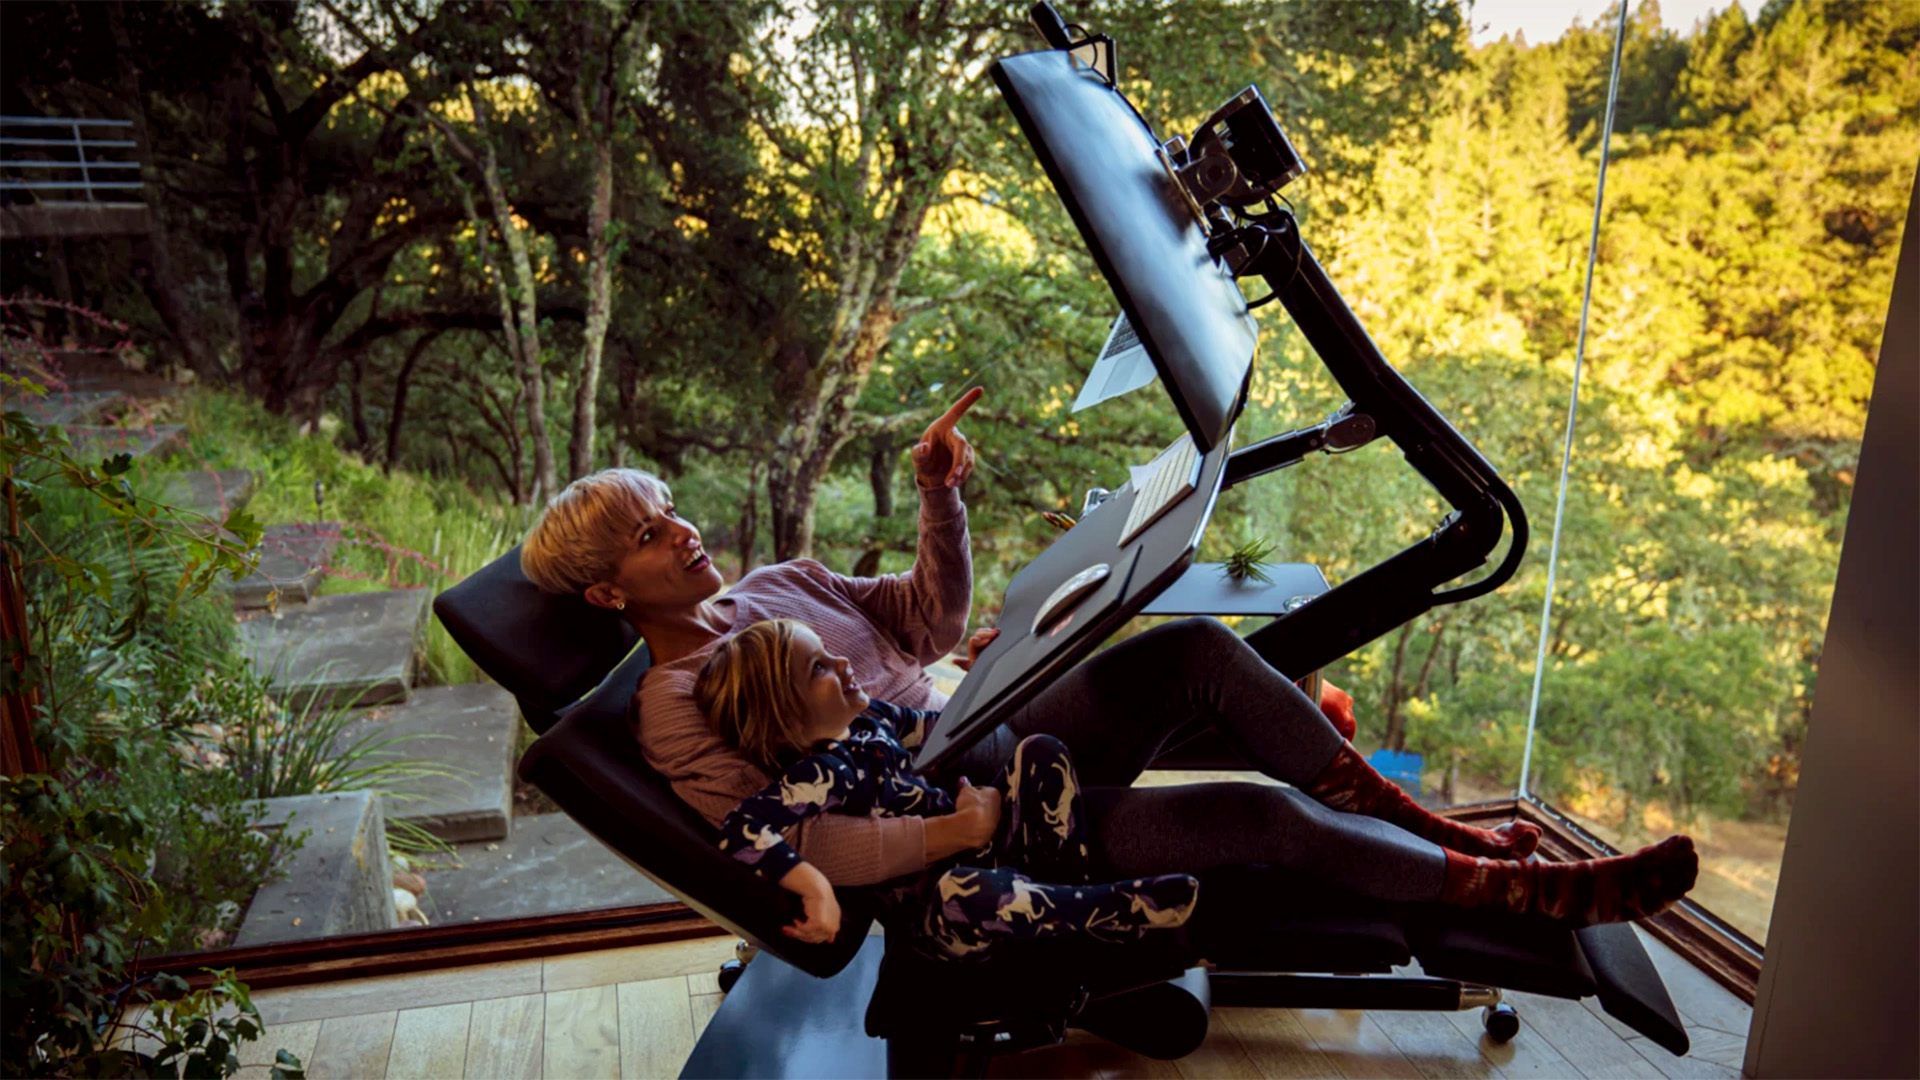 Lehidalsz ennek a futurisztikus irodai széknek az árától